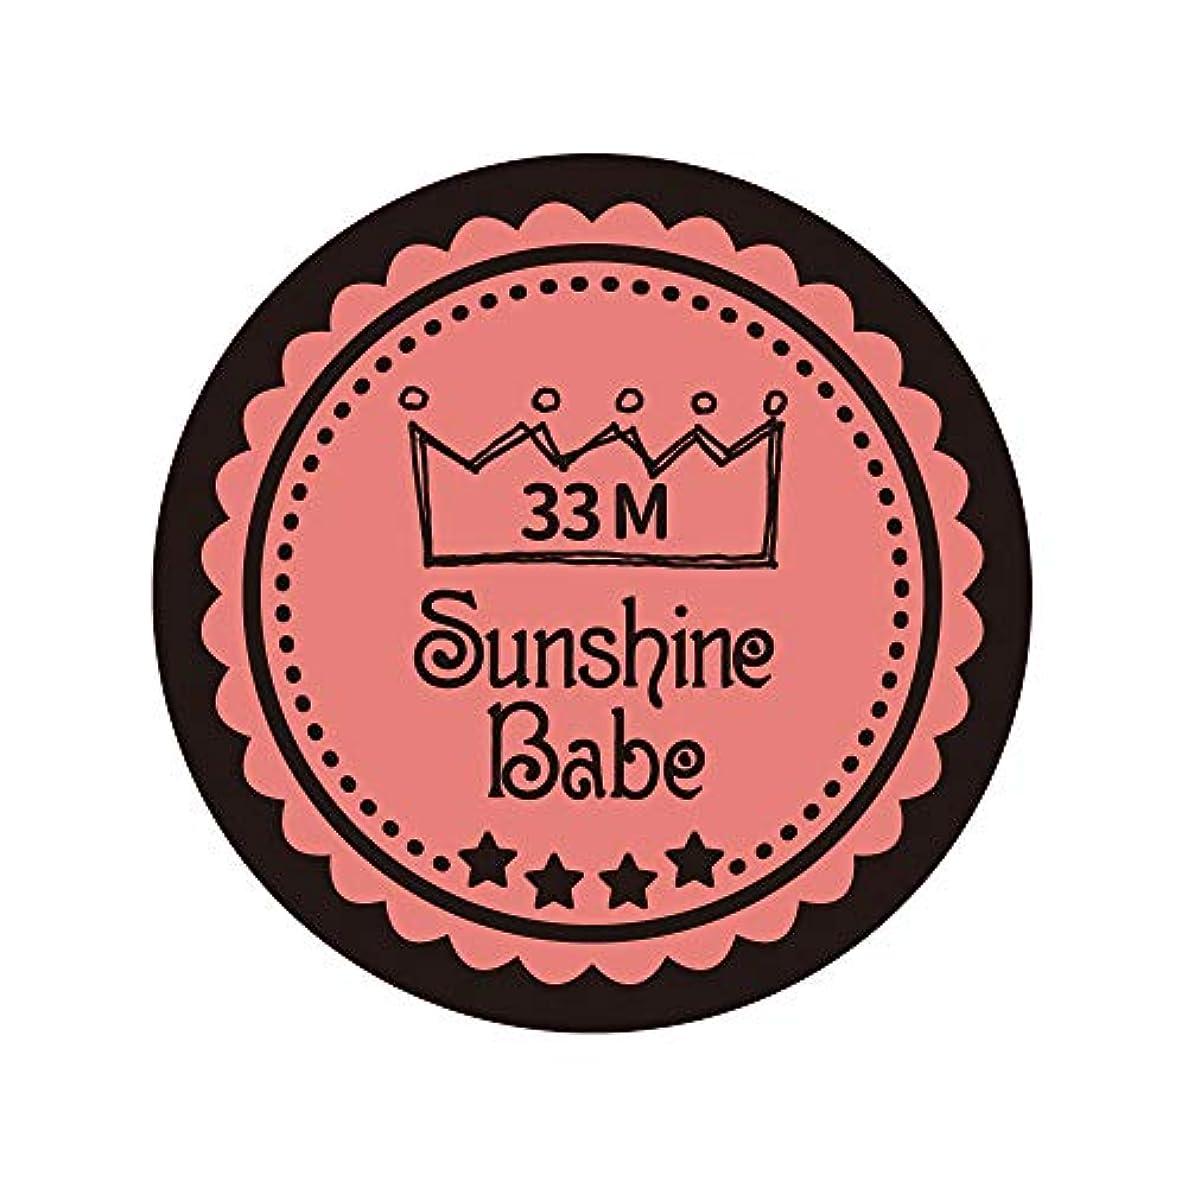 違法限定概念Sunshine Babe カラージェル 33M ベイクドコーラルピンク 4g UV/LED対応